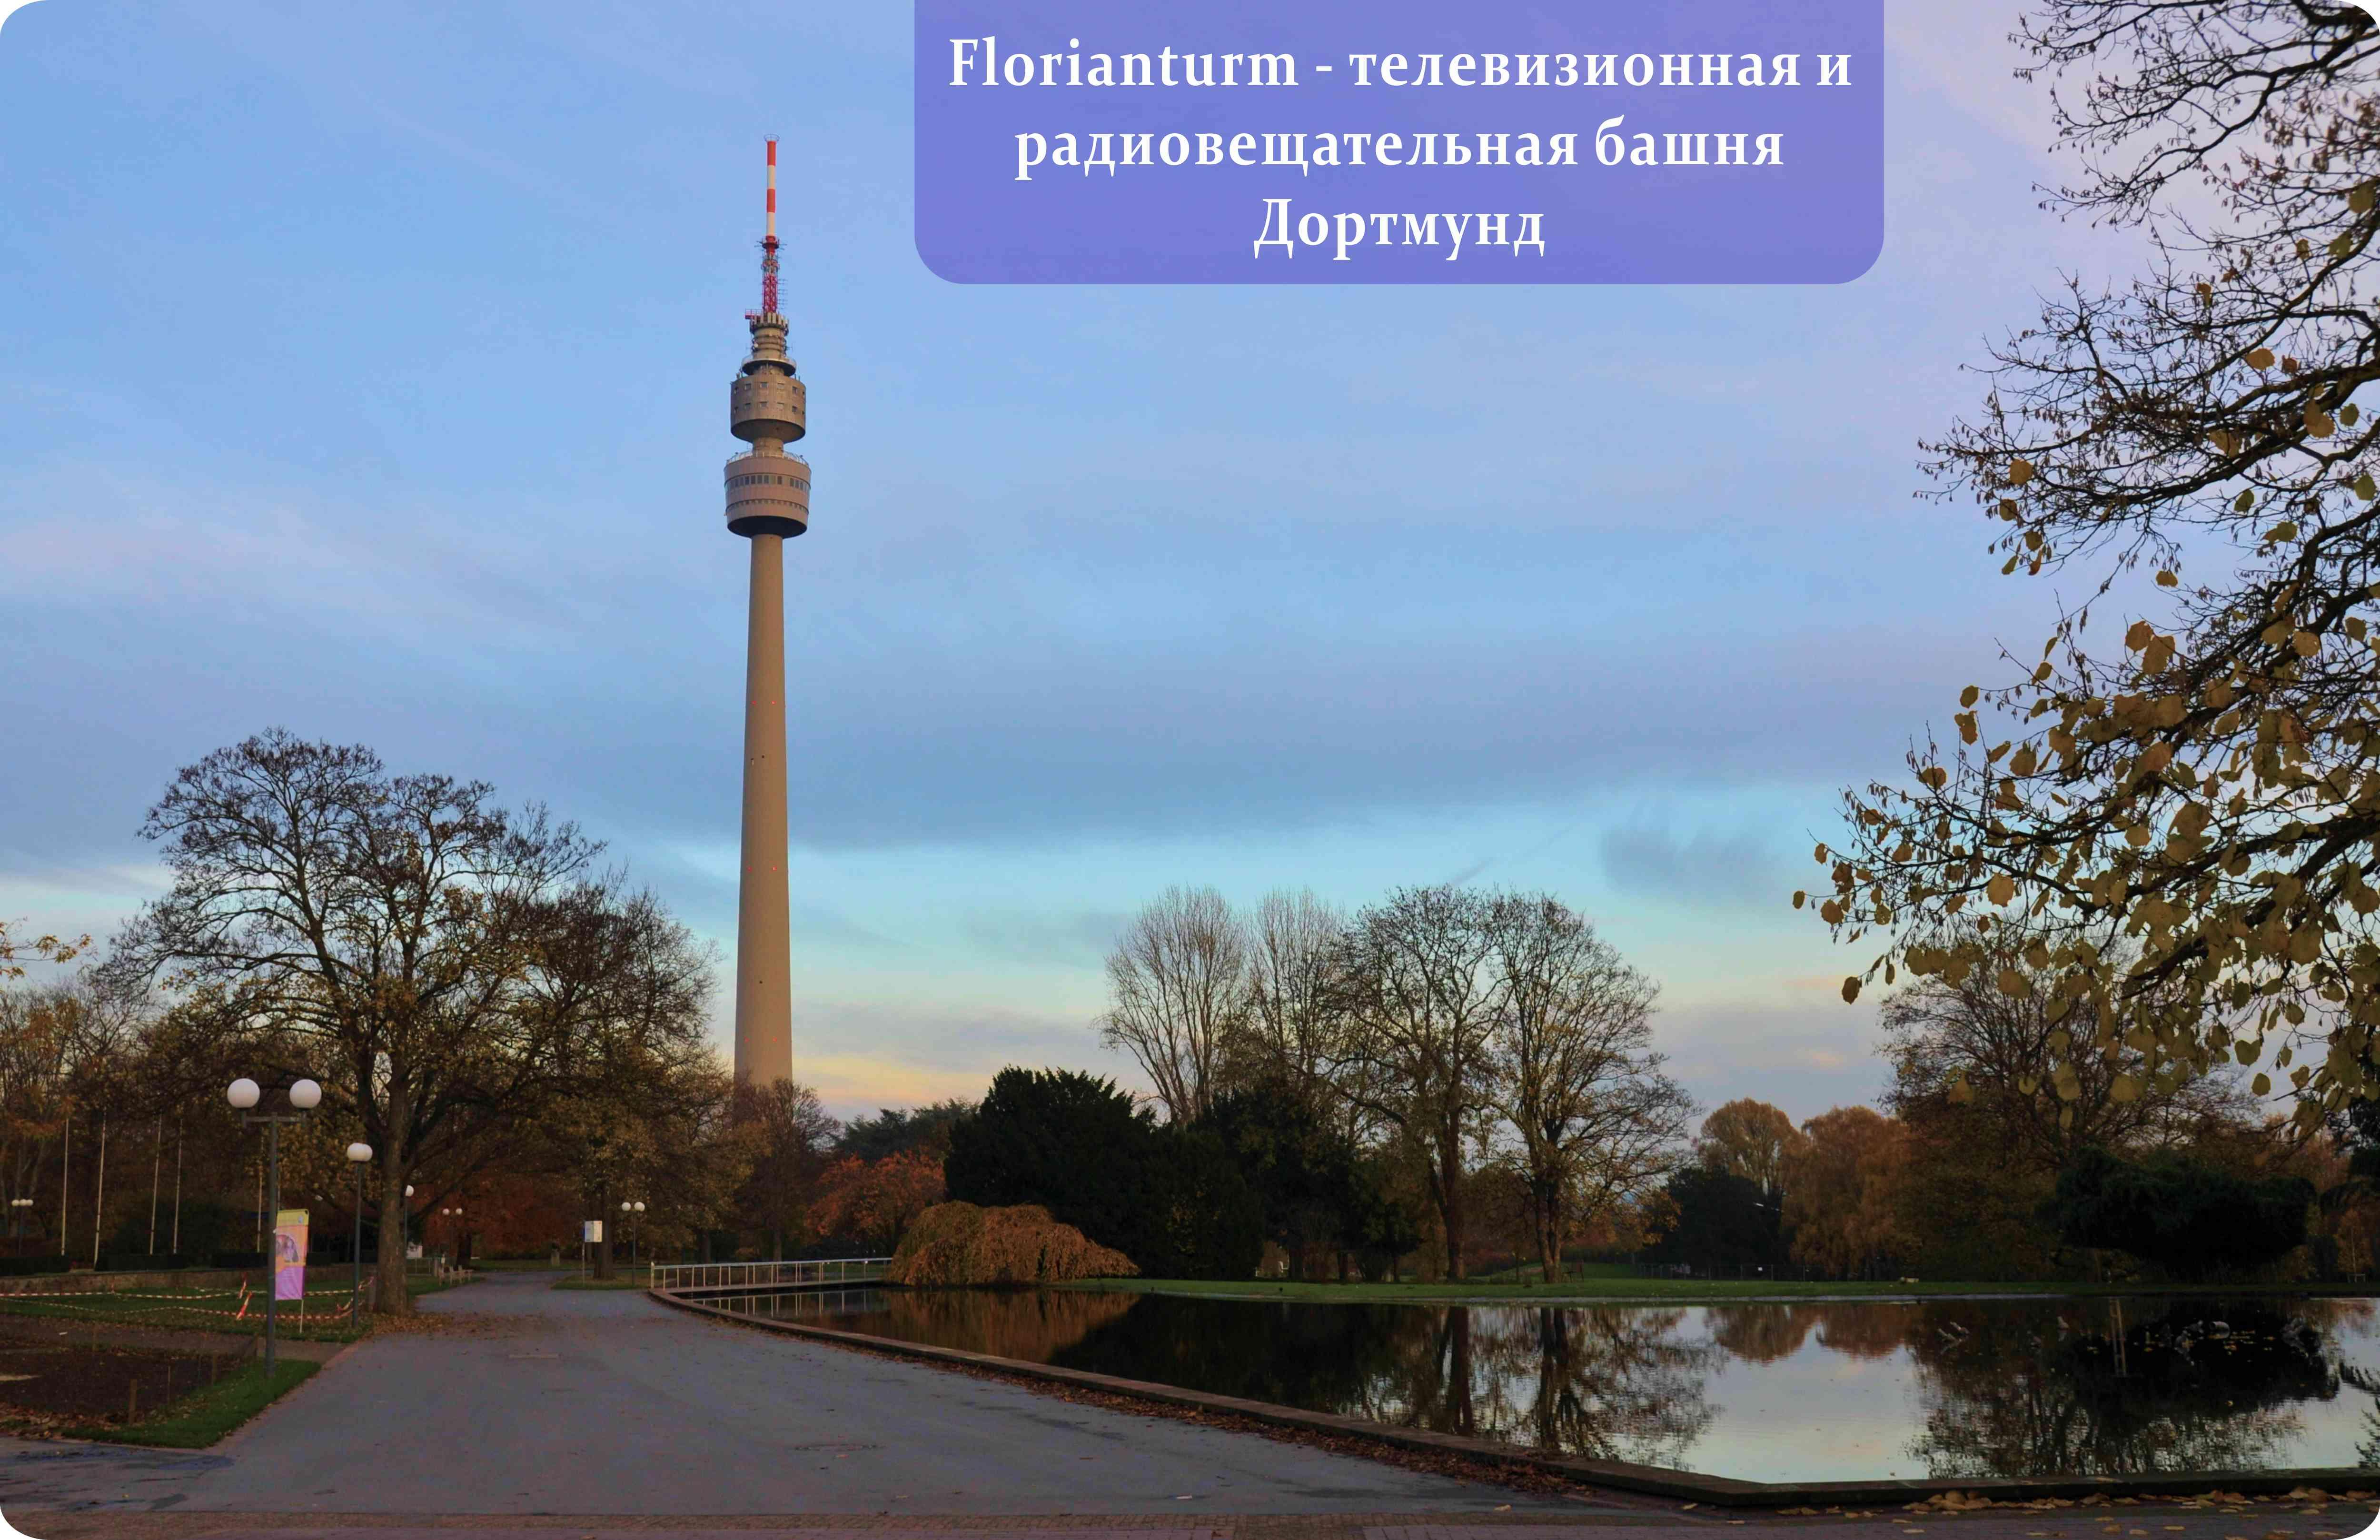 Florianturm (телевизионная и радиовещательная башня) Дортмунд, Германия